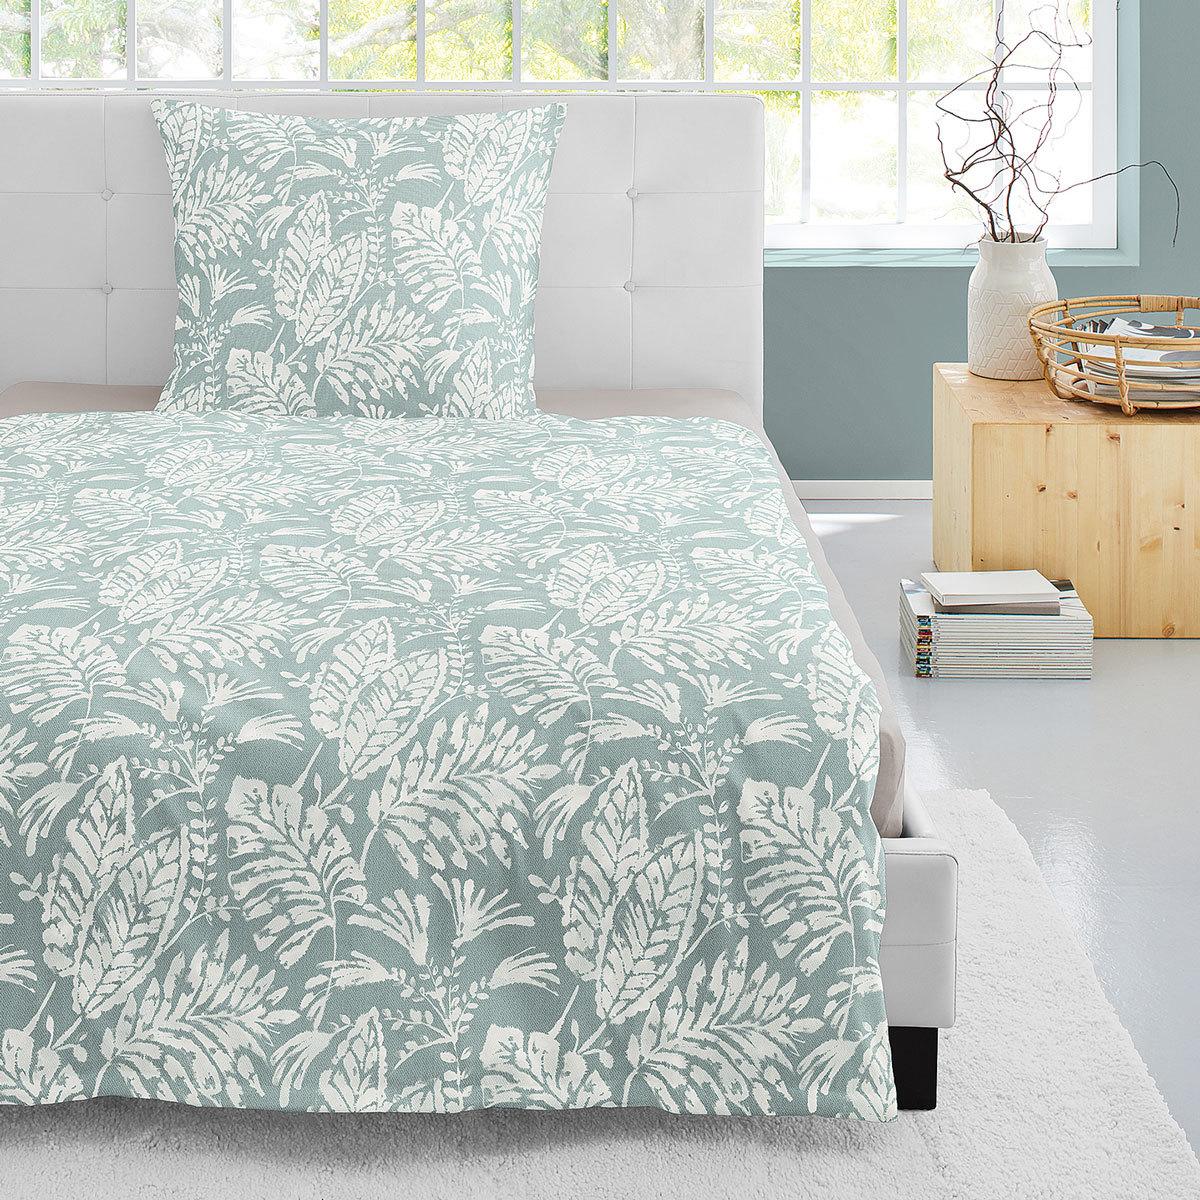 Irisette Edelflanell Bettwäsche Nubis-K Palmblätter grün